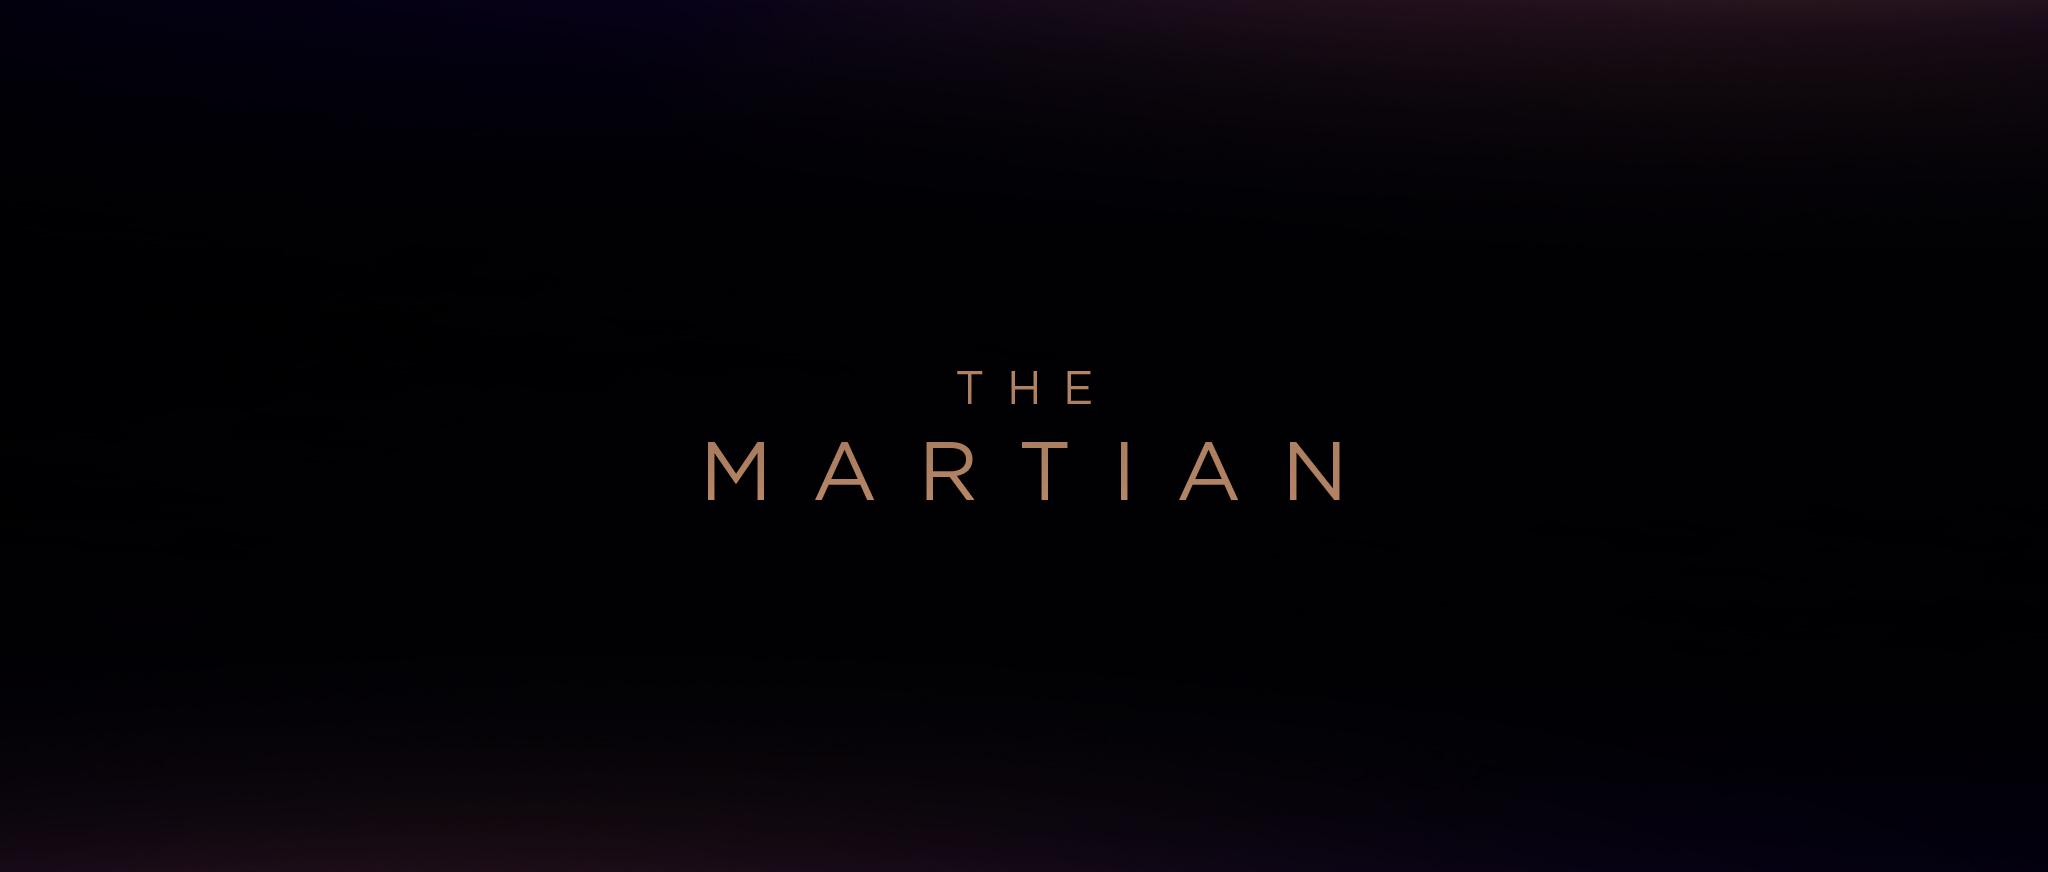 Martin_V25.jpg